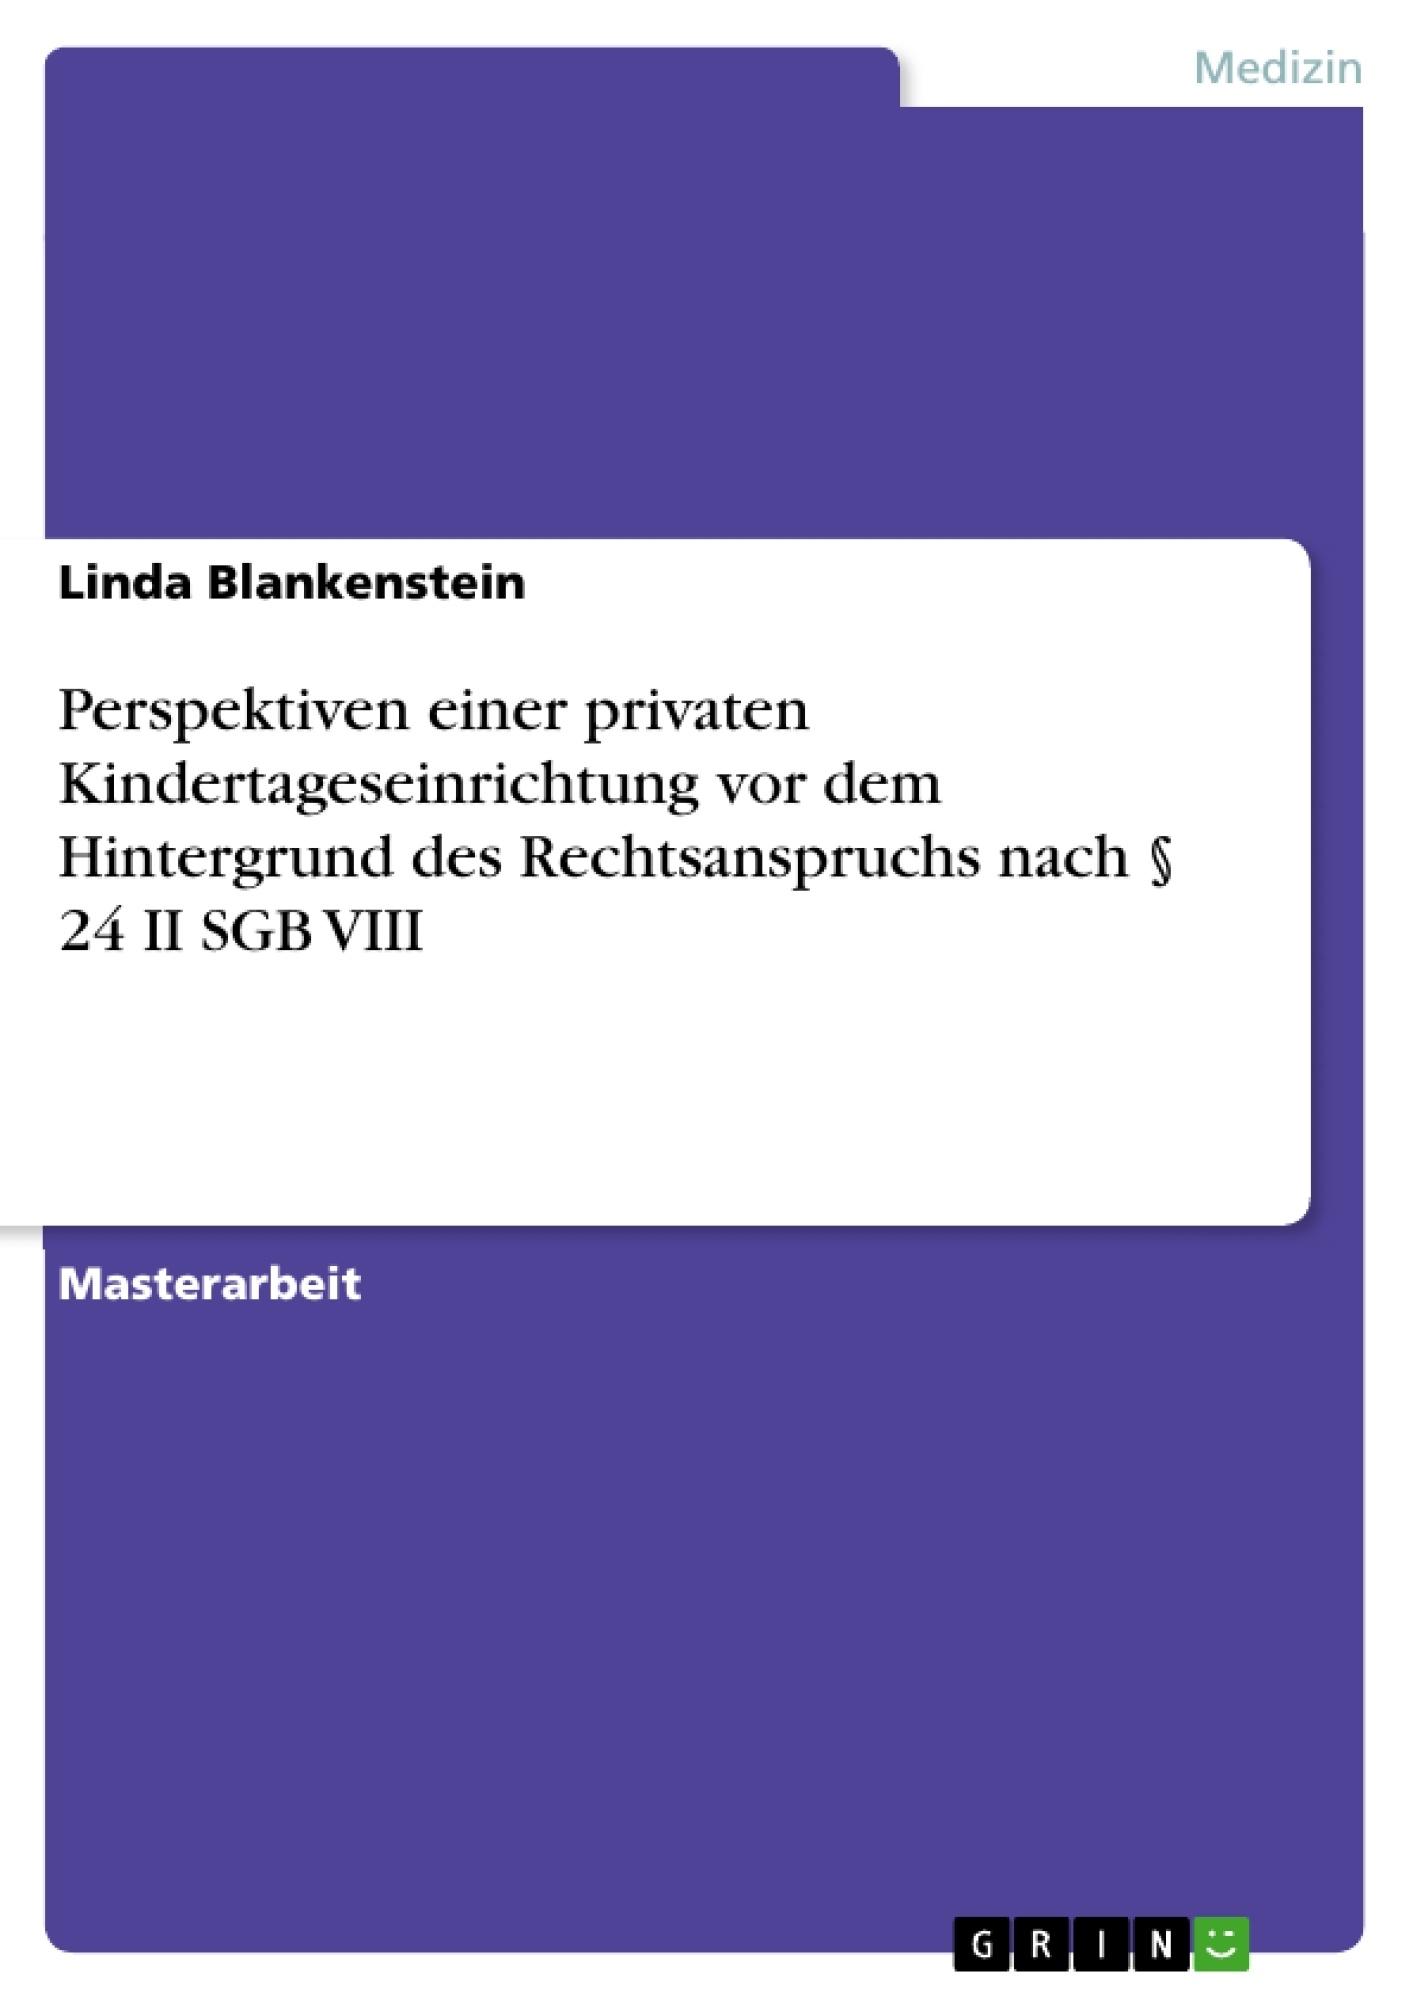 Titel: Perspektiven einer privaten Kindertageseinrichtung vor dem Hintergrund des Rechtsanspruchs nach § 24 II SGB VIII